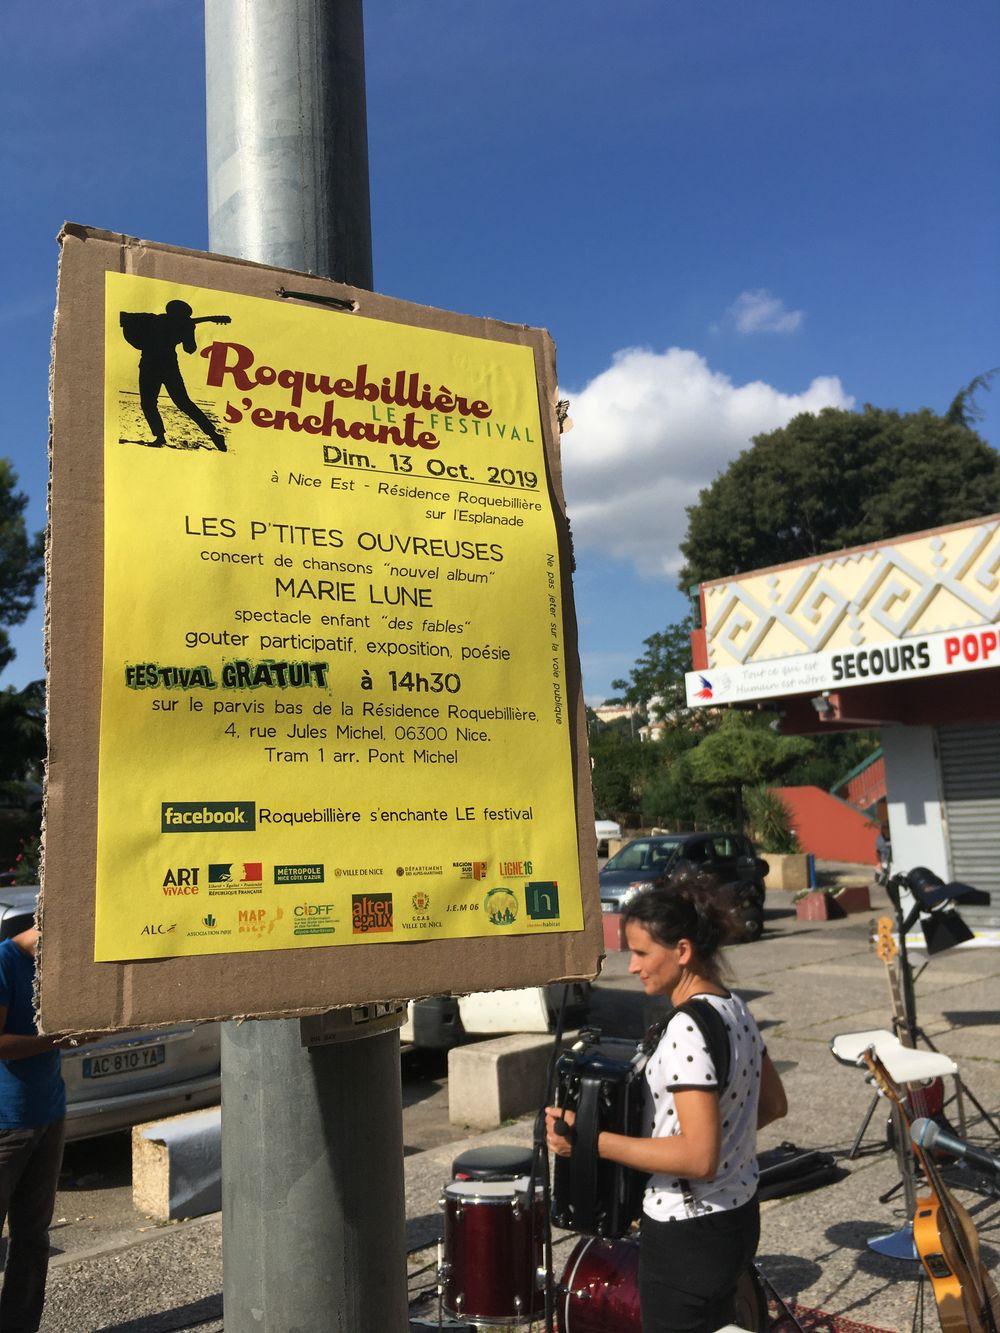 fete-roquebilliere-dimanche13octobre2019-ligne16_14